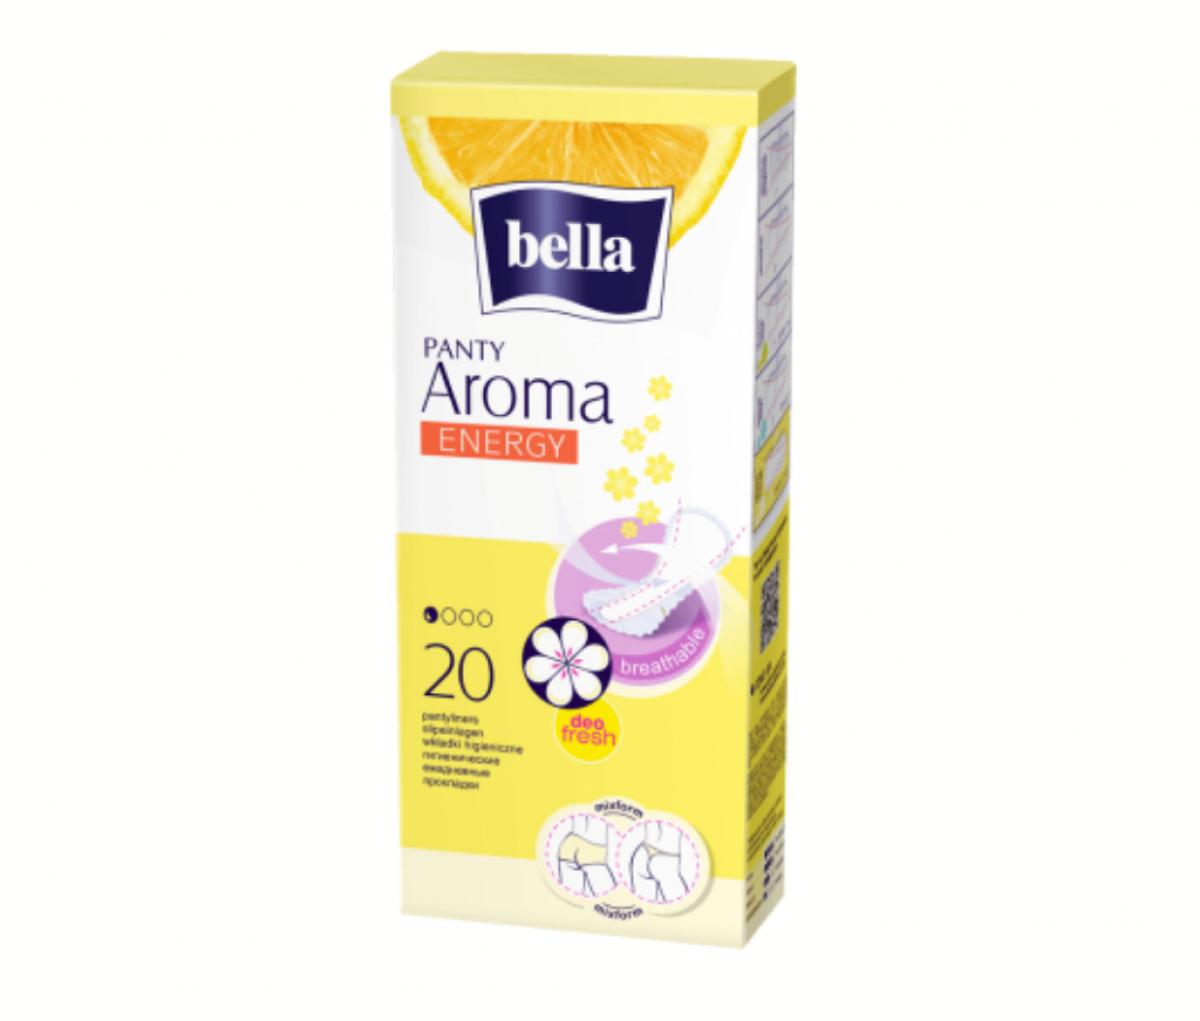 TZMO Bella Pantyliners Panty Aroma Energy a20